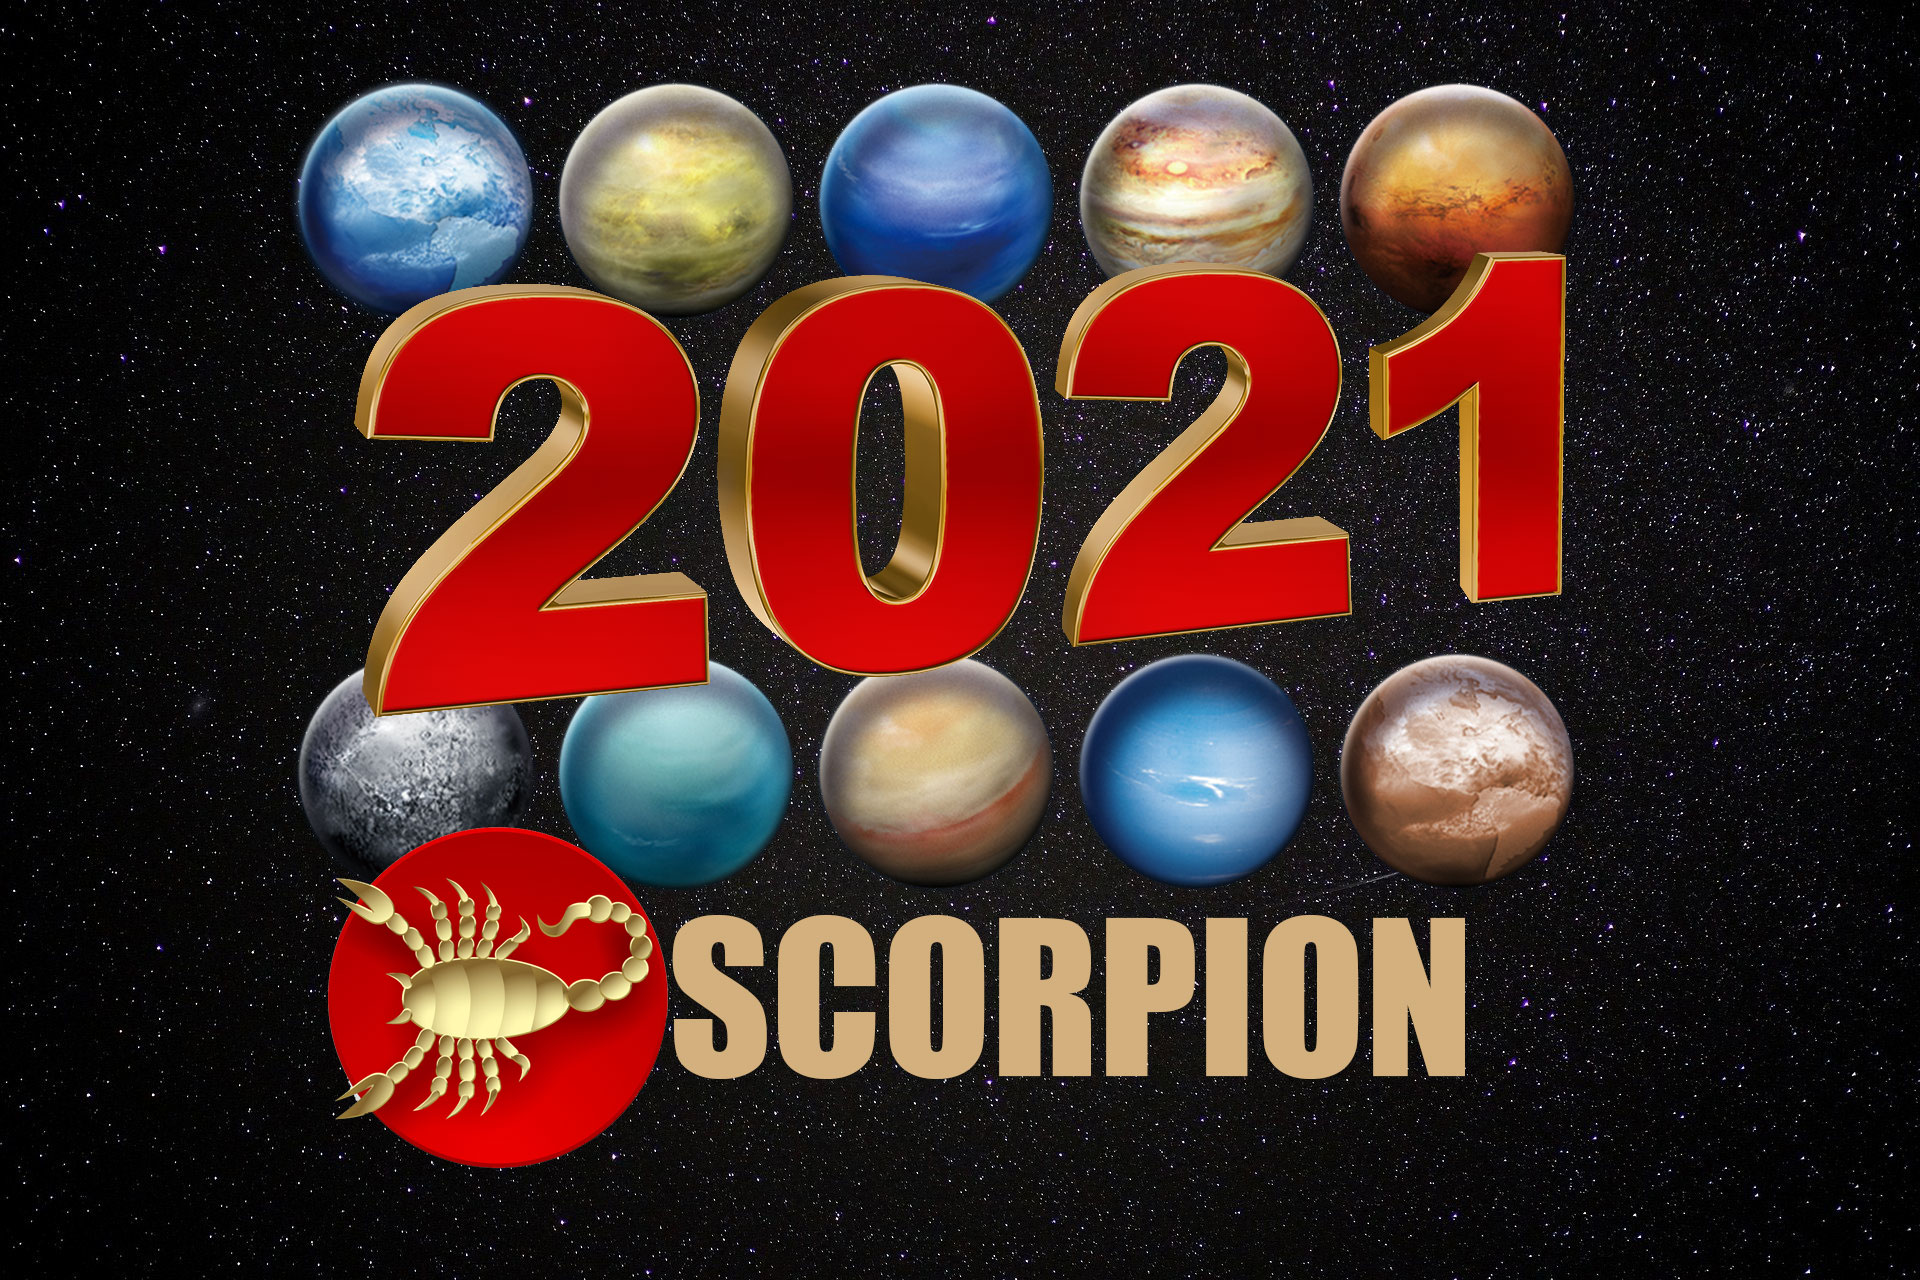 Horoscop 2021 Scorpion - bani, sănătate, dragoste. Un an excelent pentru această zodie